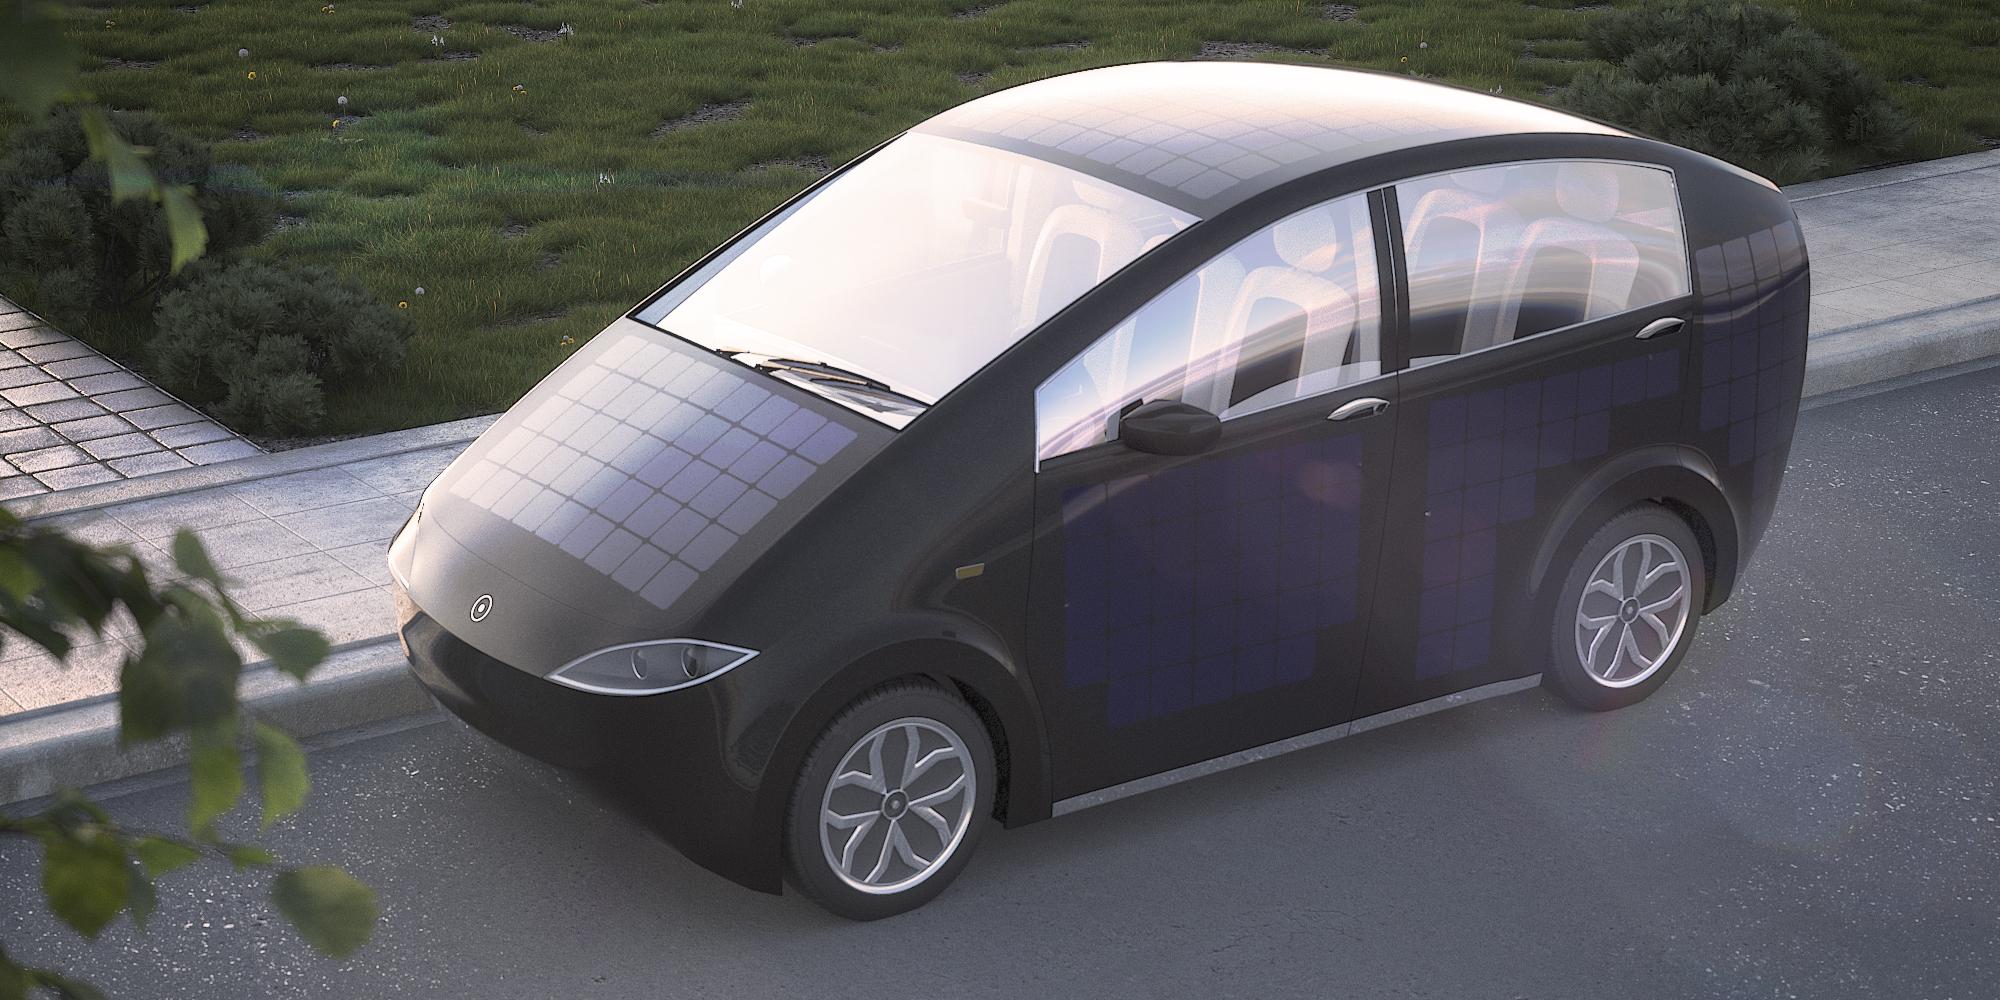 Audi rüstet die Dächer seiner Elektroautos mit Solarzellen aus